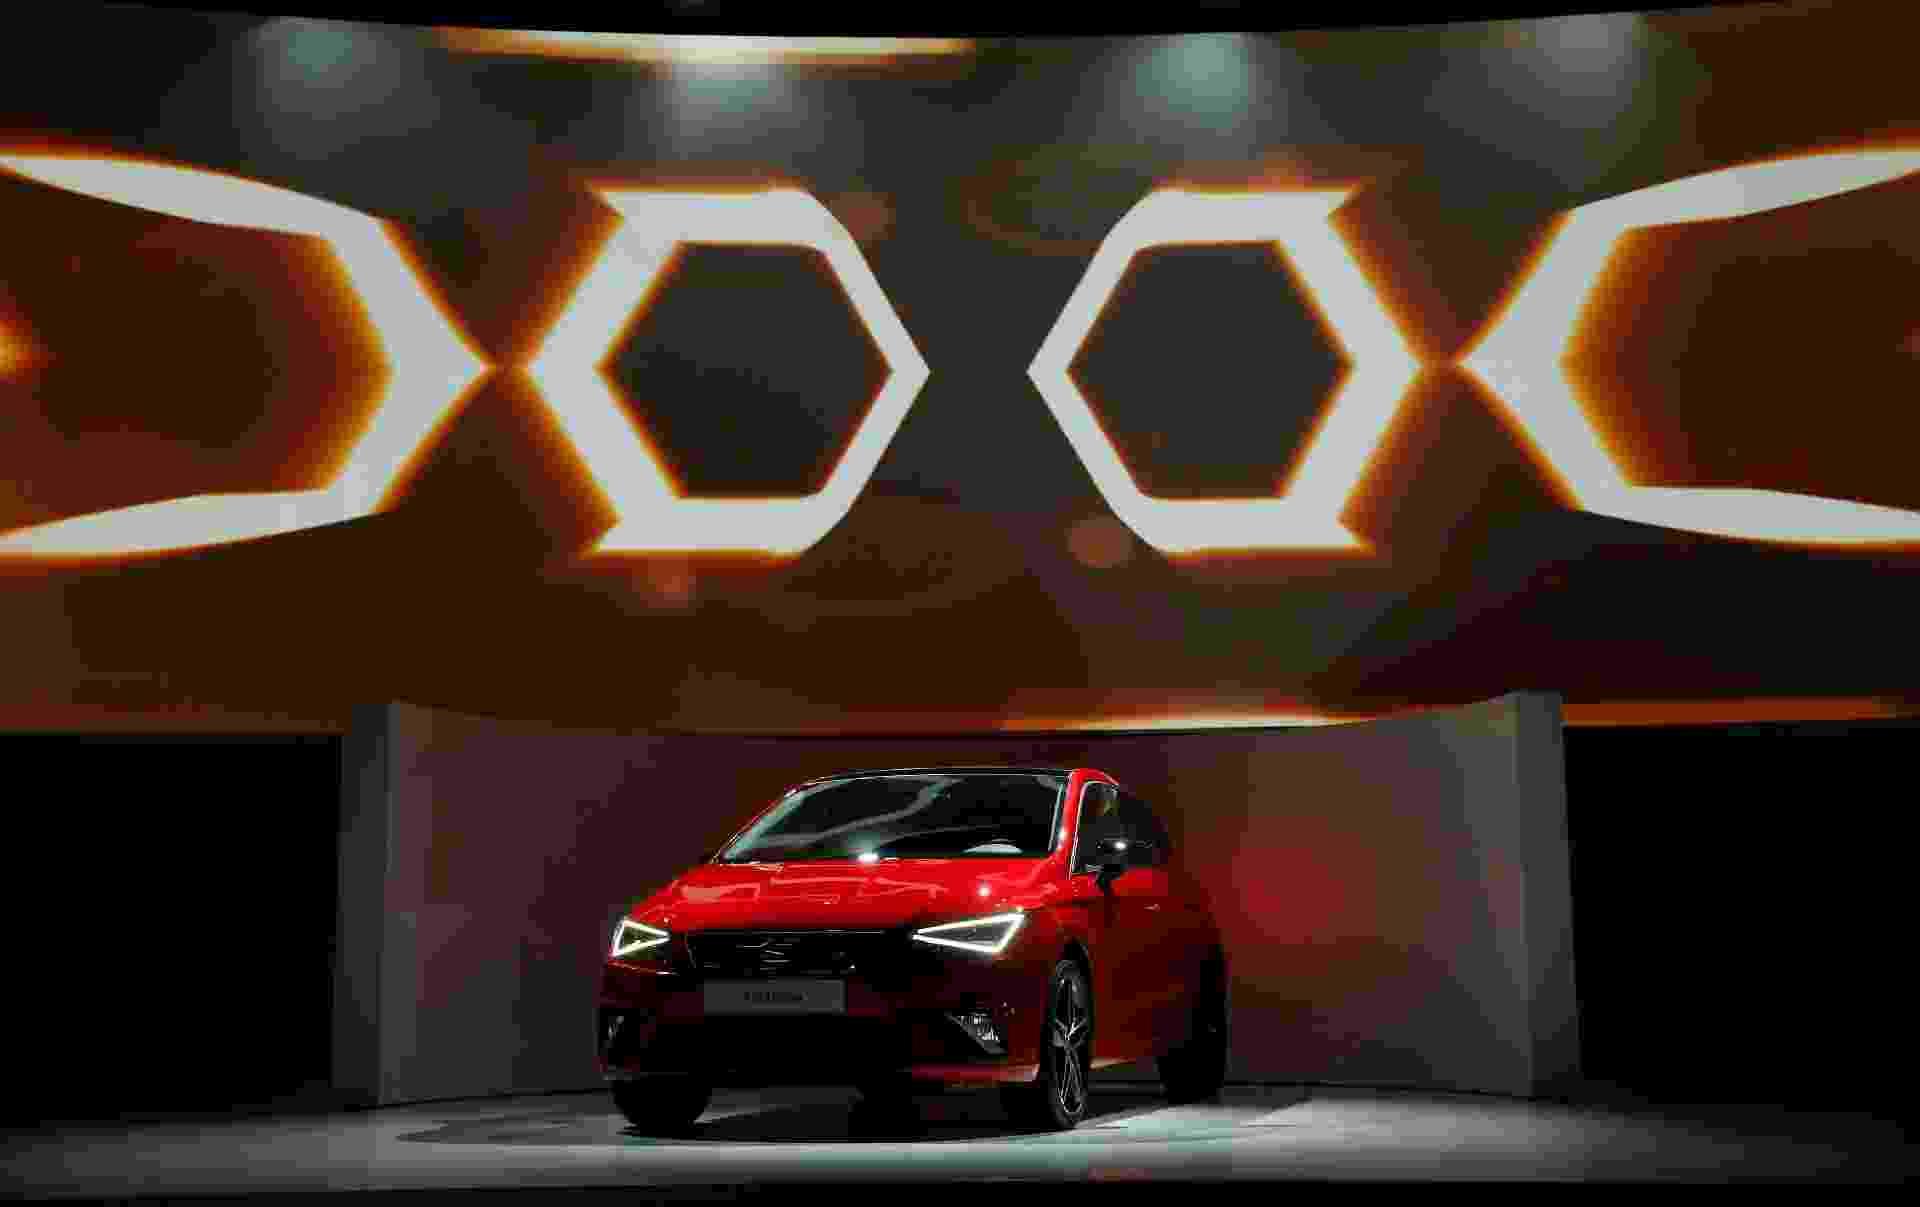 Lançamento da quinta geração do Seat Ibiza - Lluis Gene/AFP